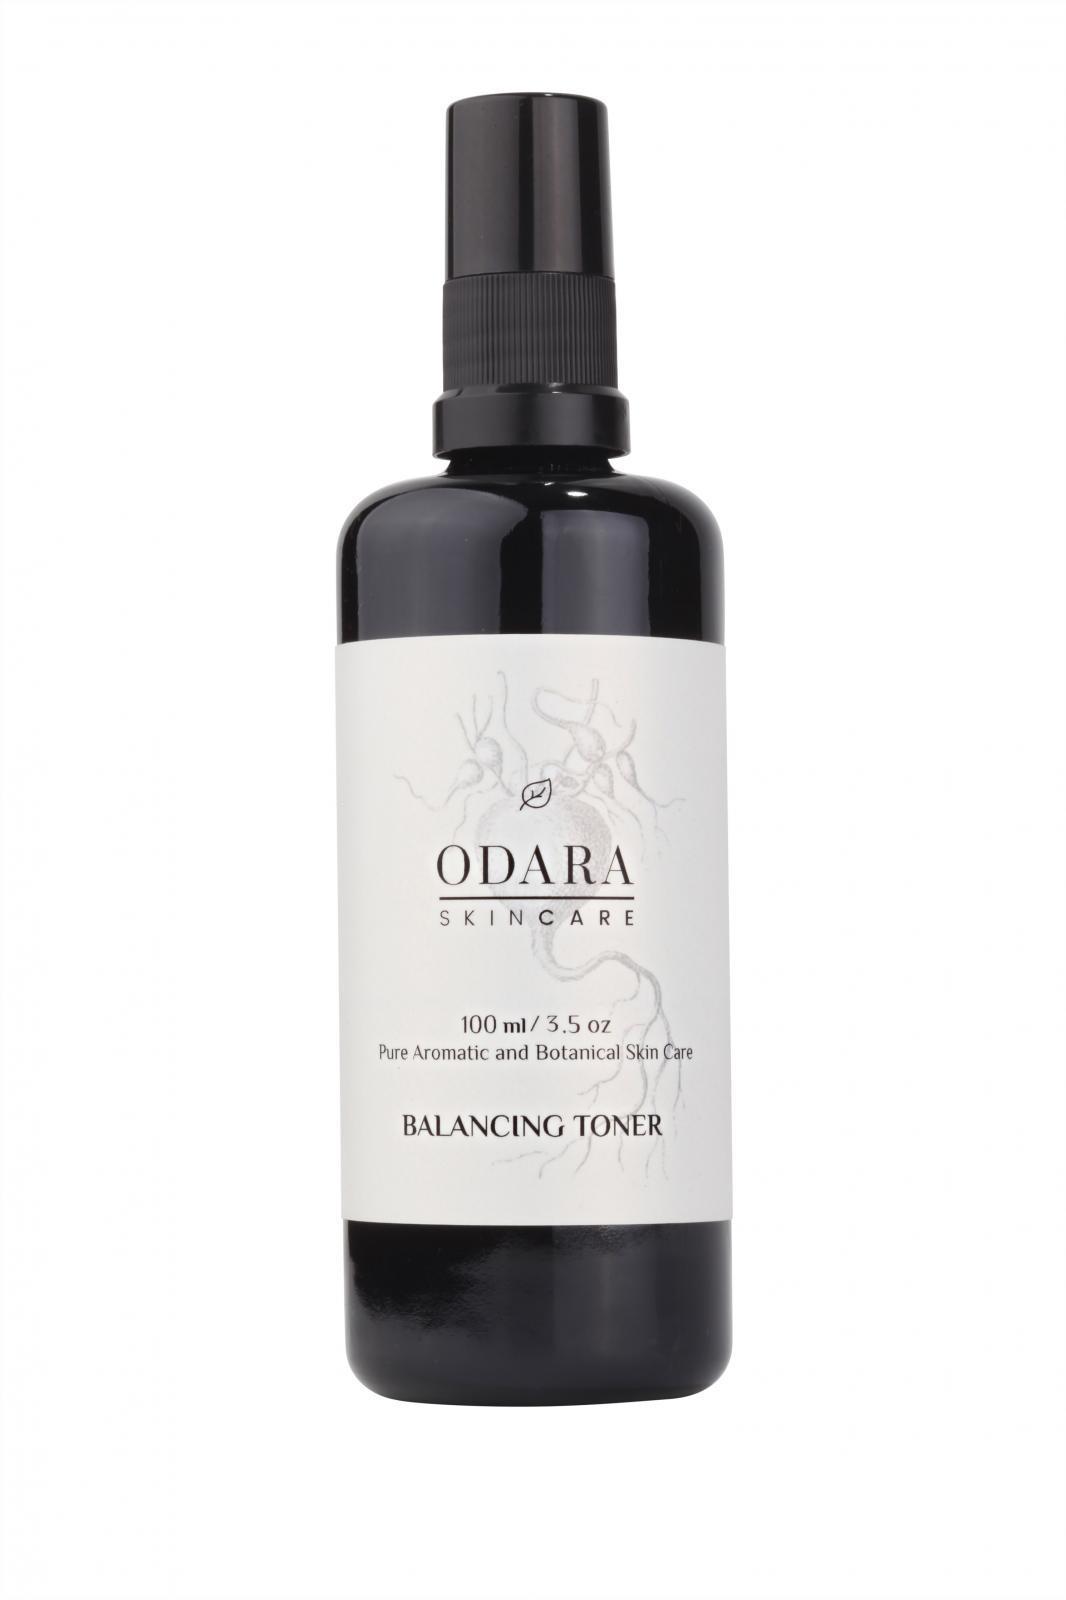 ODARA Balancing Toner 100 ml